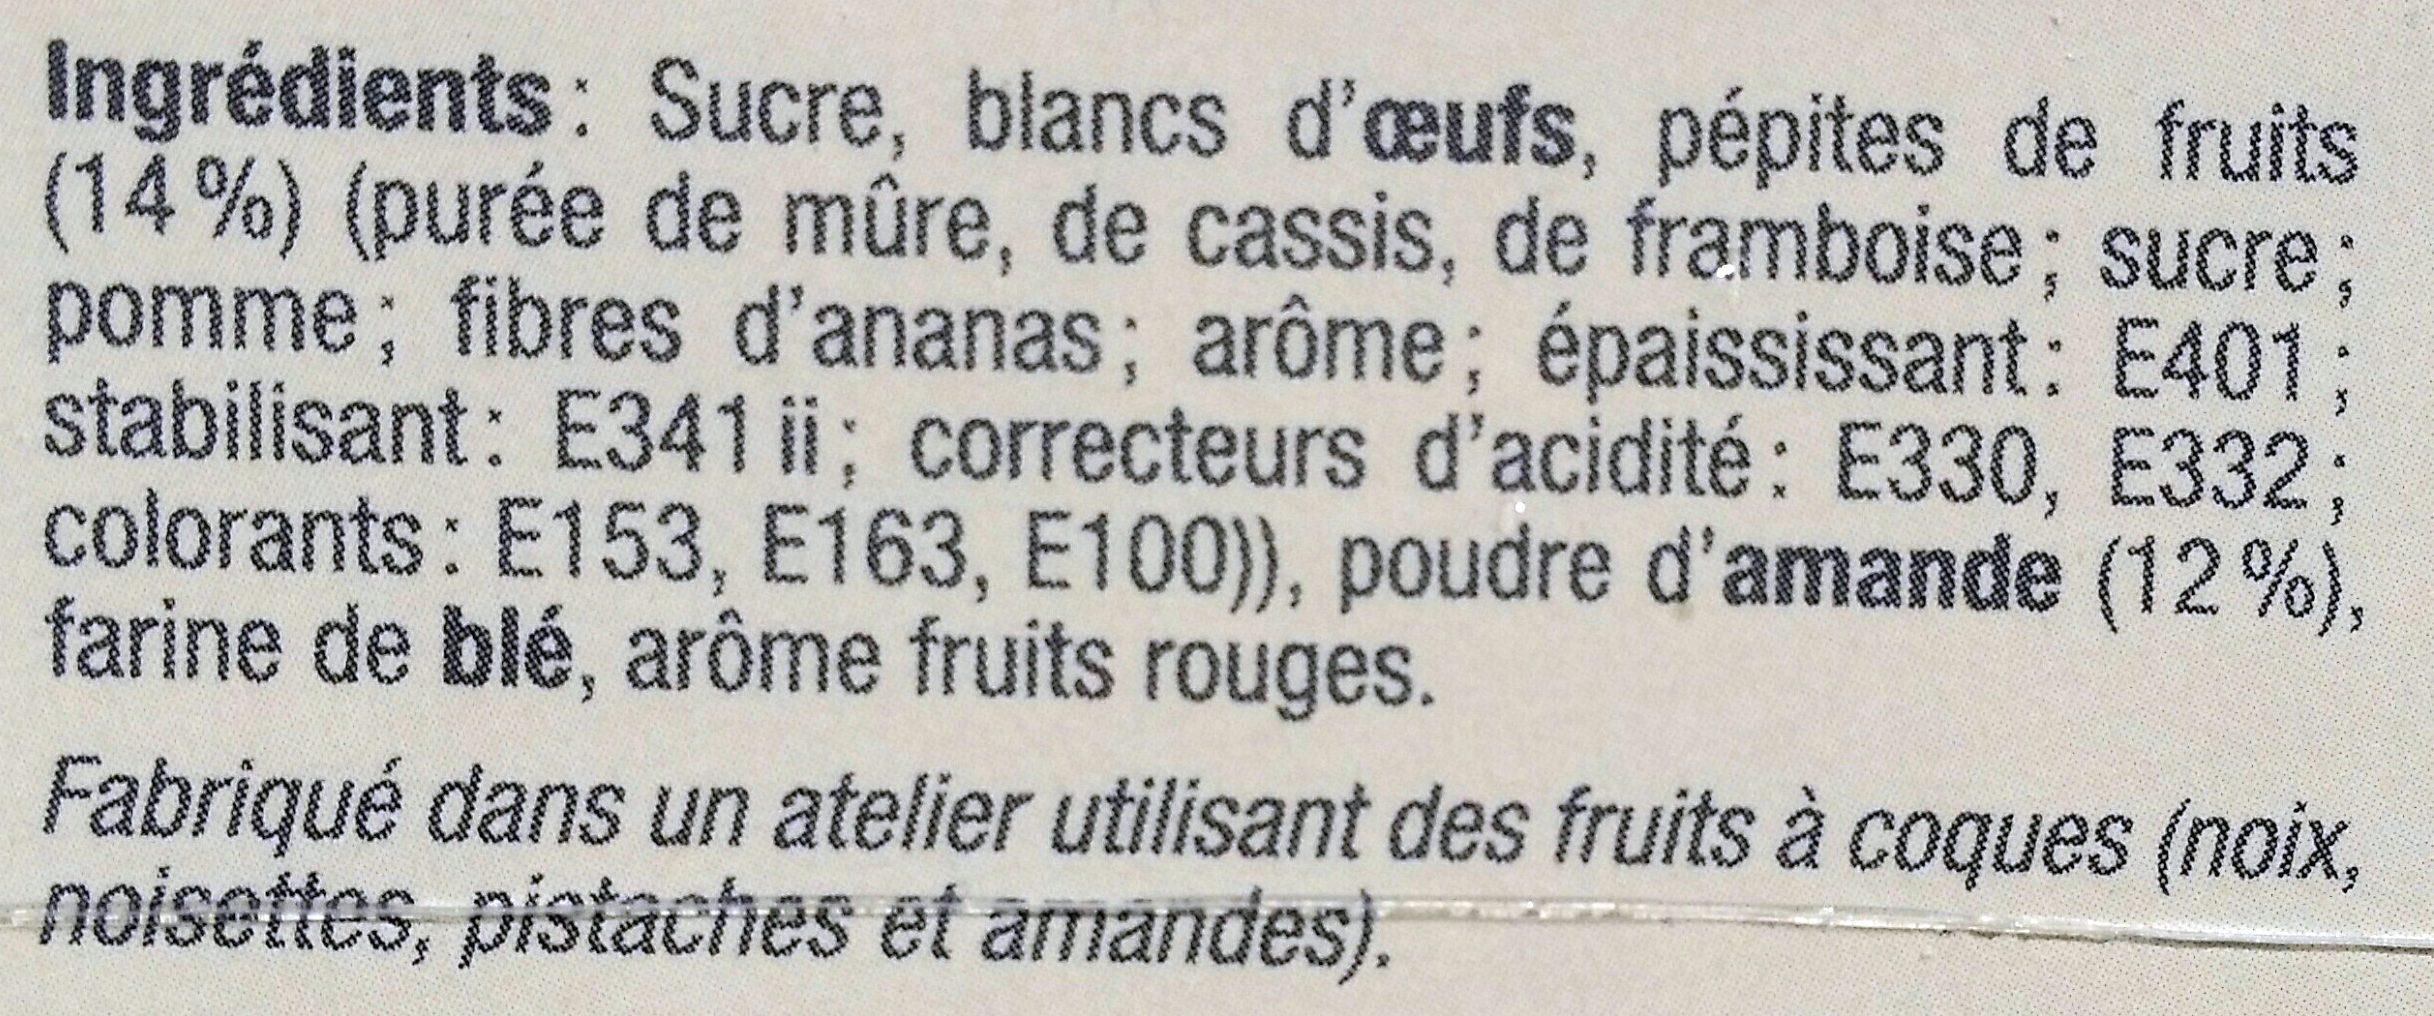 Mini Meringues aux Fruits Rouges - Ingrédients - fr